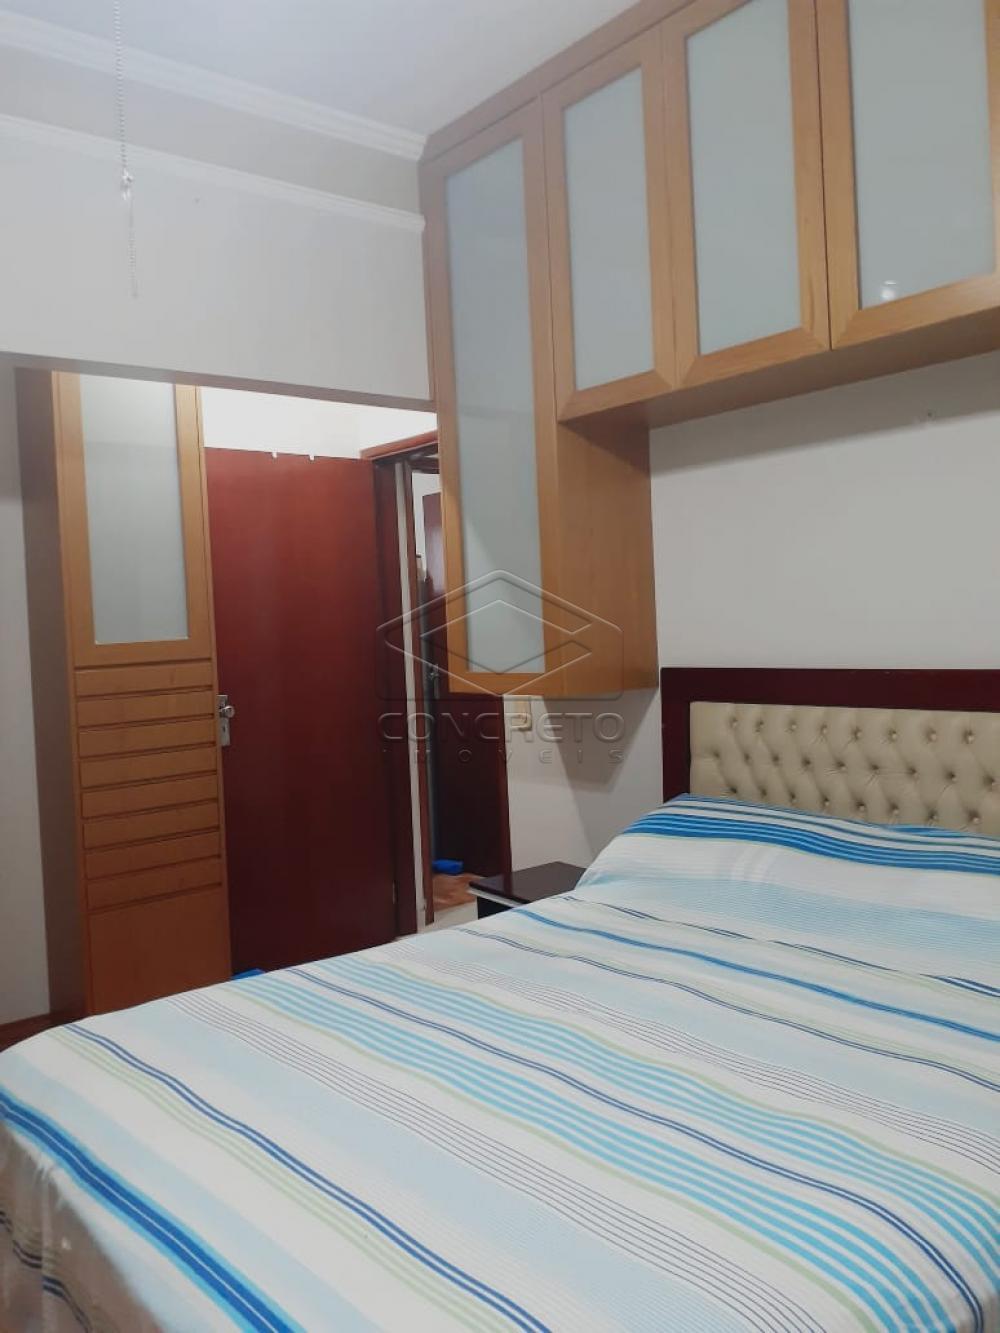 Comprar Apartamento / Padrão em Bauru apenas R$ 450.000,00 - Foto 13